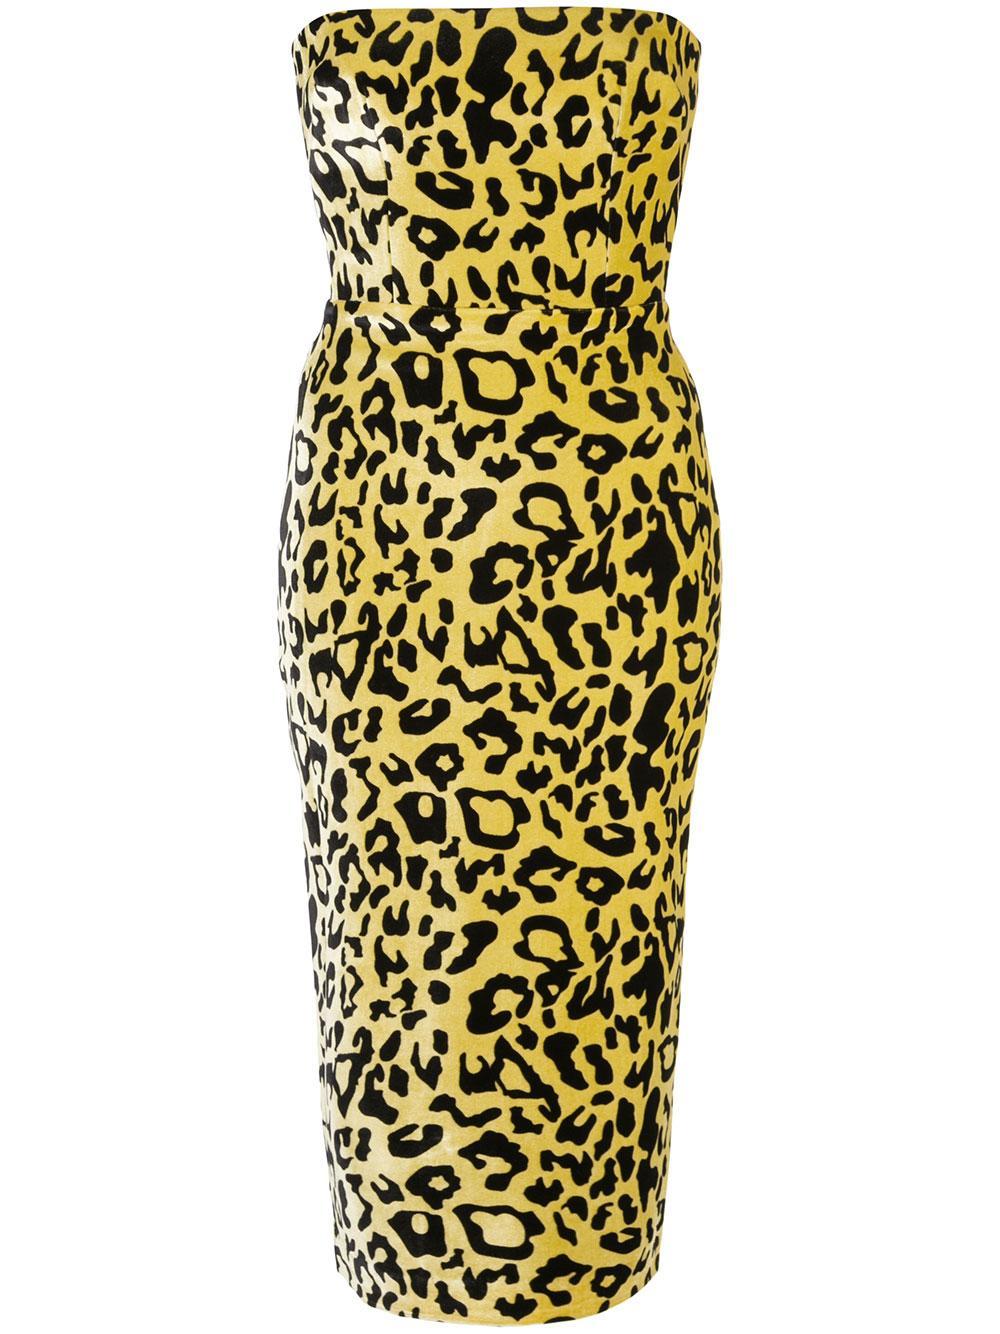 Nolan Velvet Leopard Strapless Dress